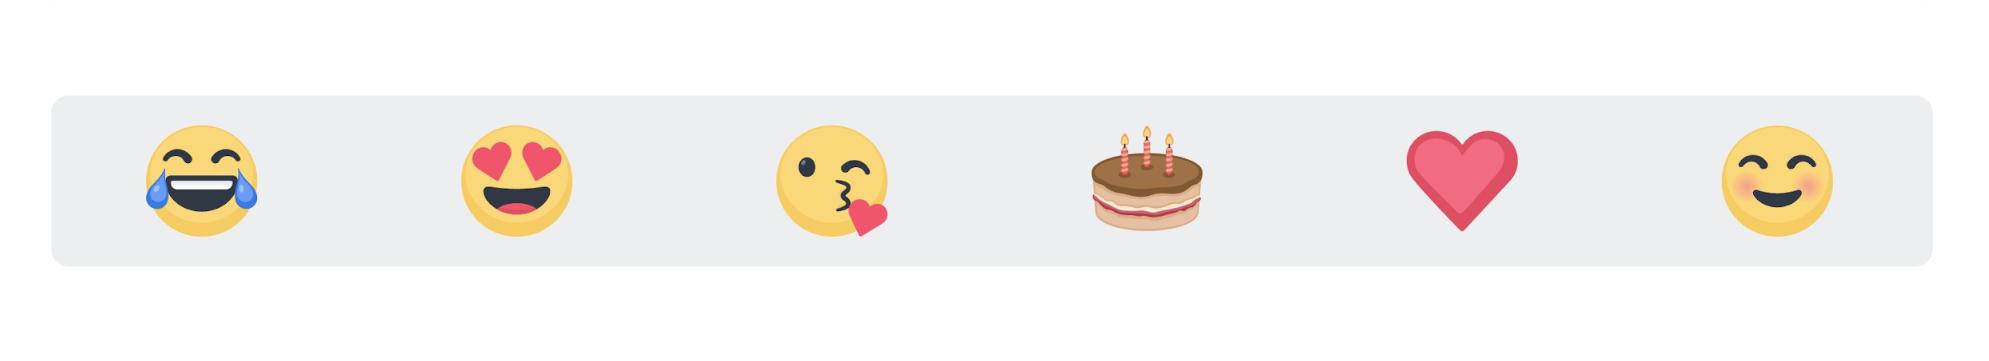 Cómo utilizar emojis - TOP emojis Facebook y Messenger